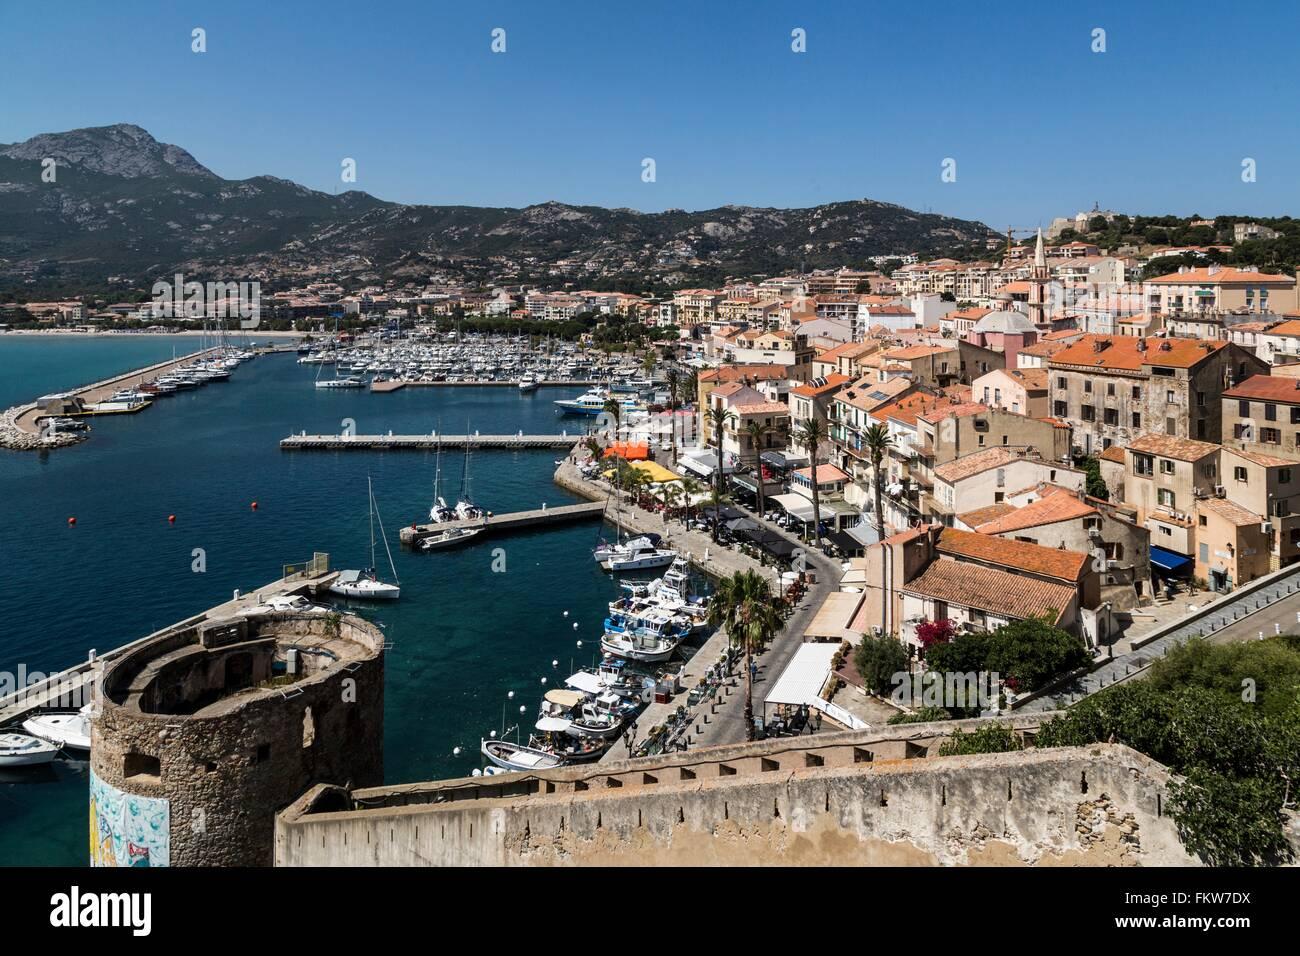 Erhöhten Blick Stadtmauern und Uferpromenade, Calvi, Korsika, Frankreich Stockbild